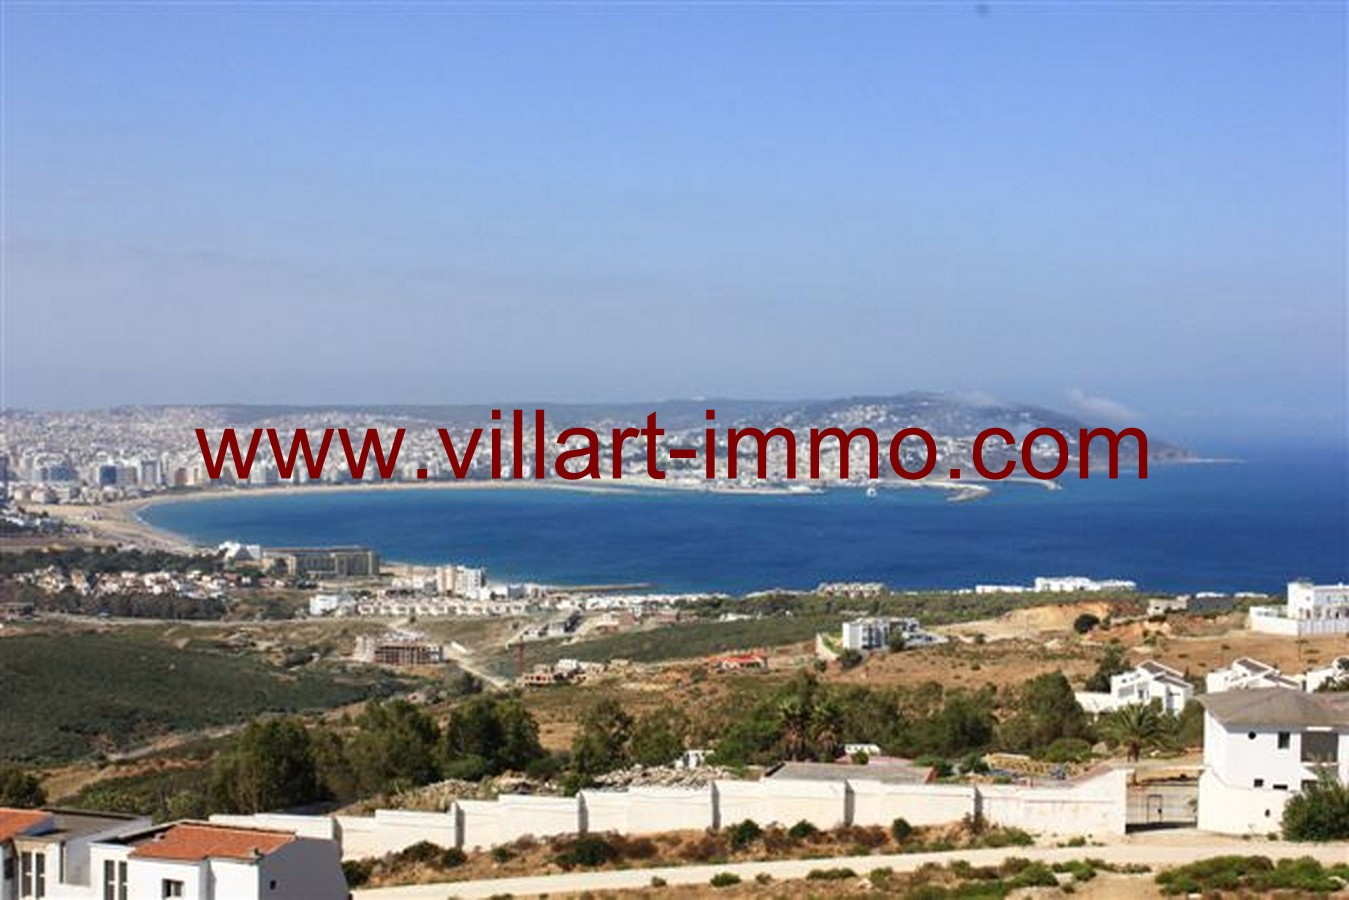 1-Vente-Appartement-Tanger-Malabata-Projet-MIR3-Villart Immo